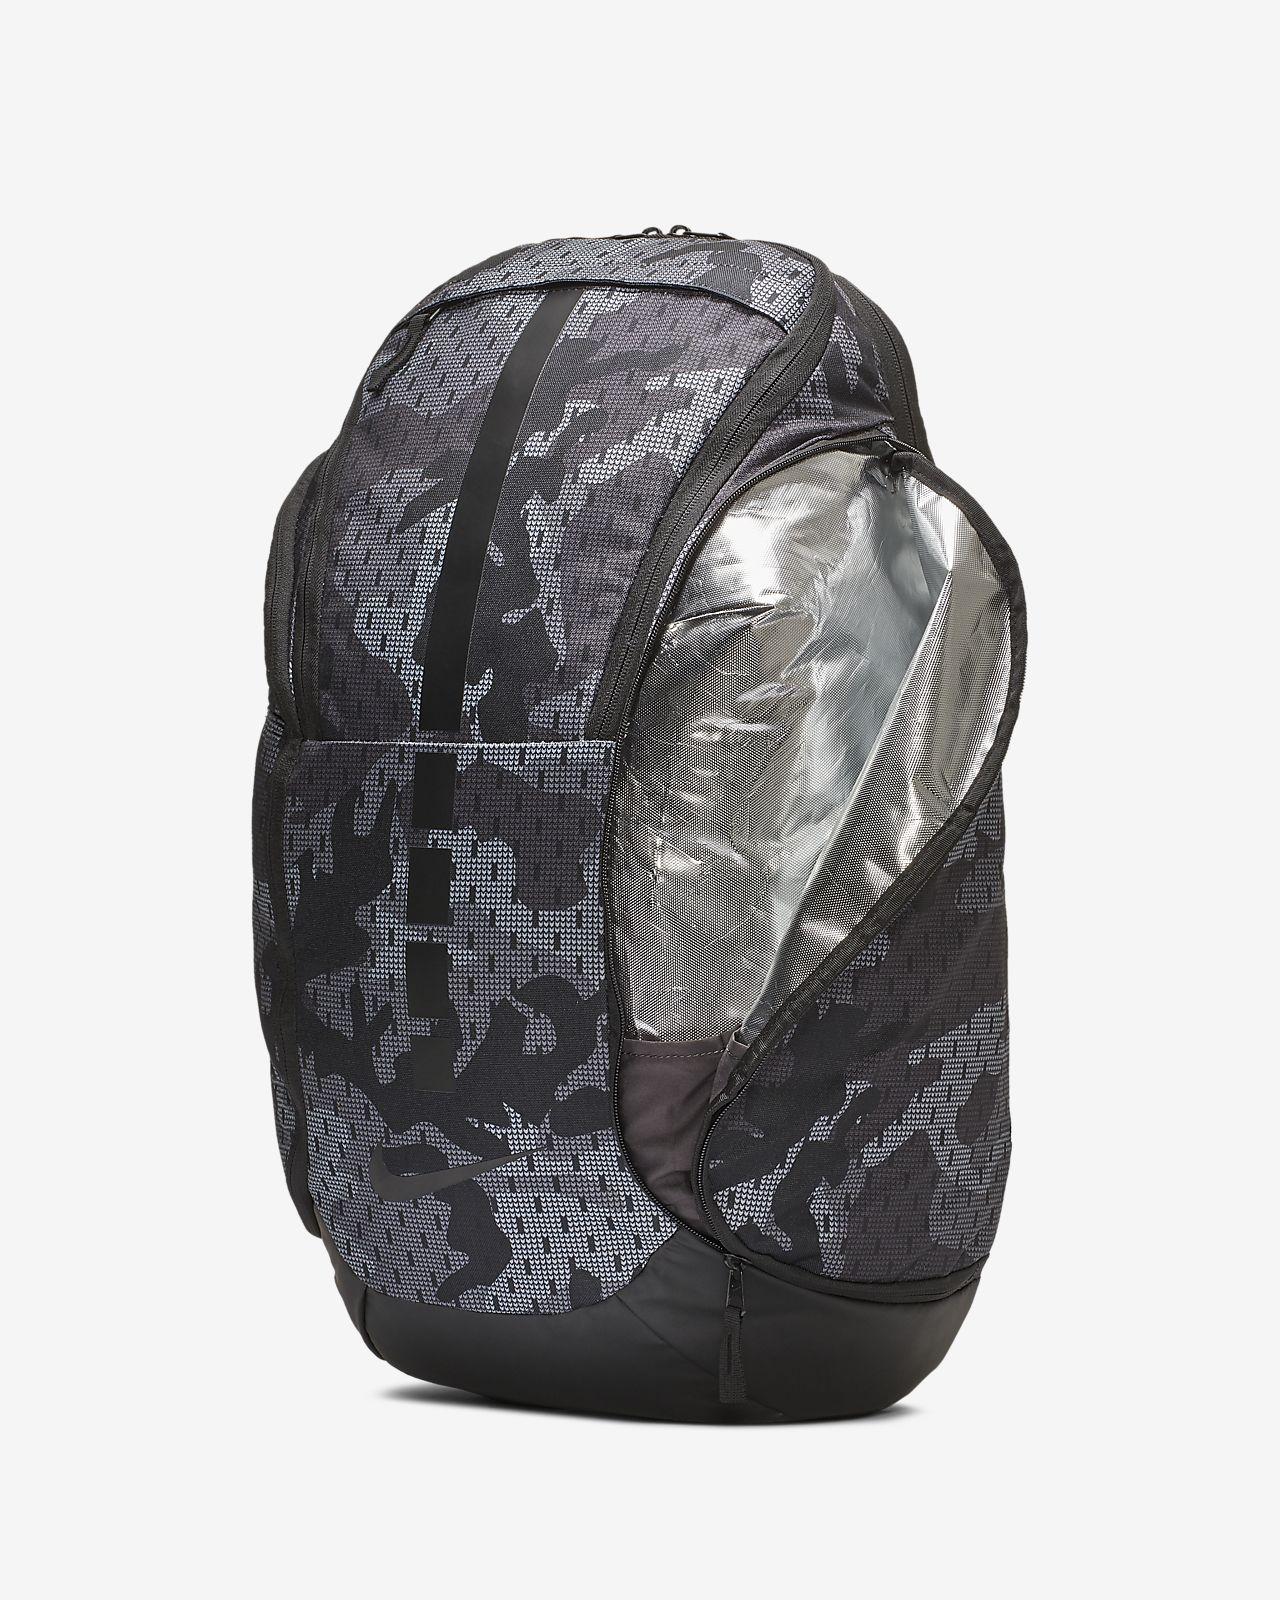 8eaf9b94cbf Nike Hoops Elite Pro Basketball Backpack. Nike.com MY